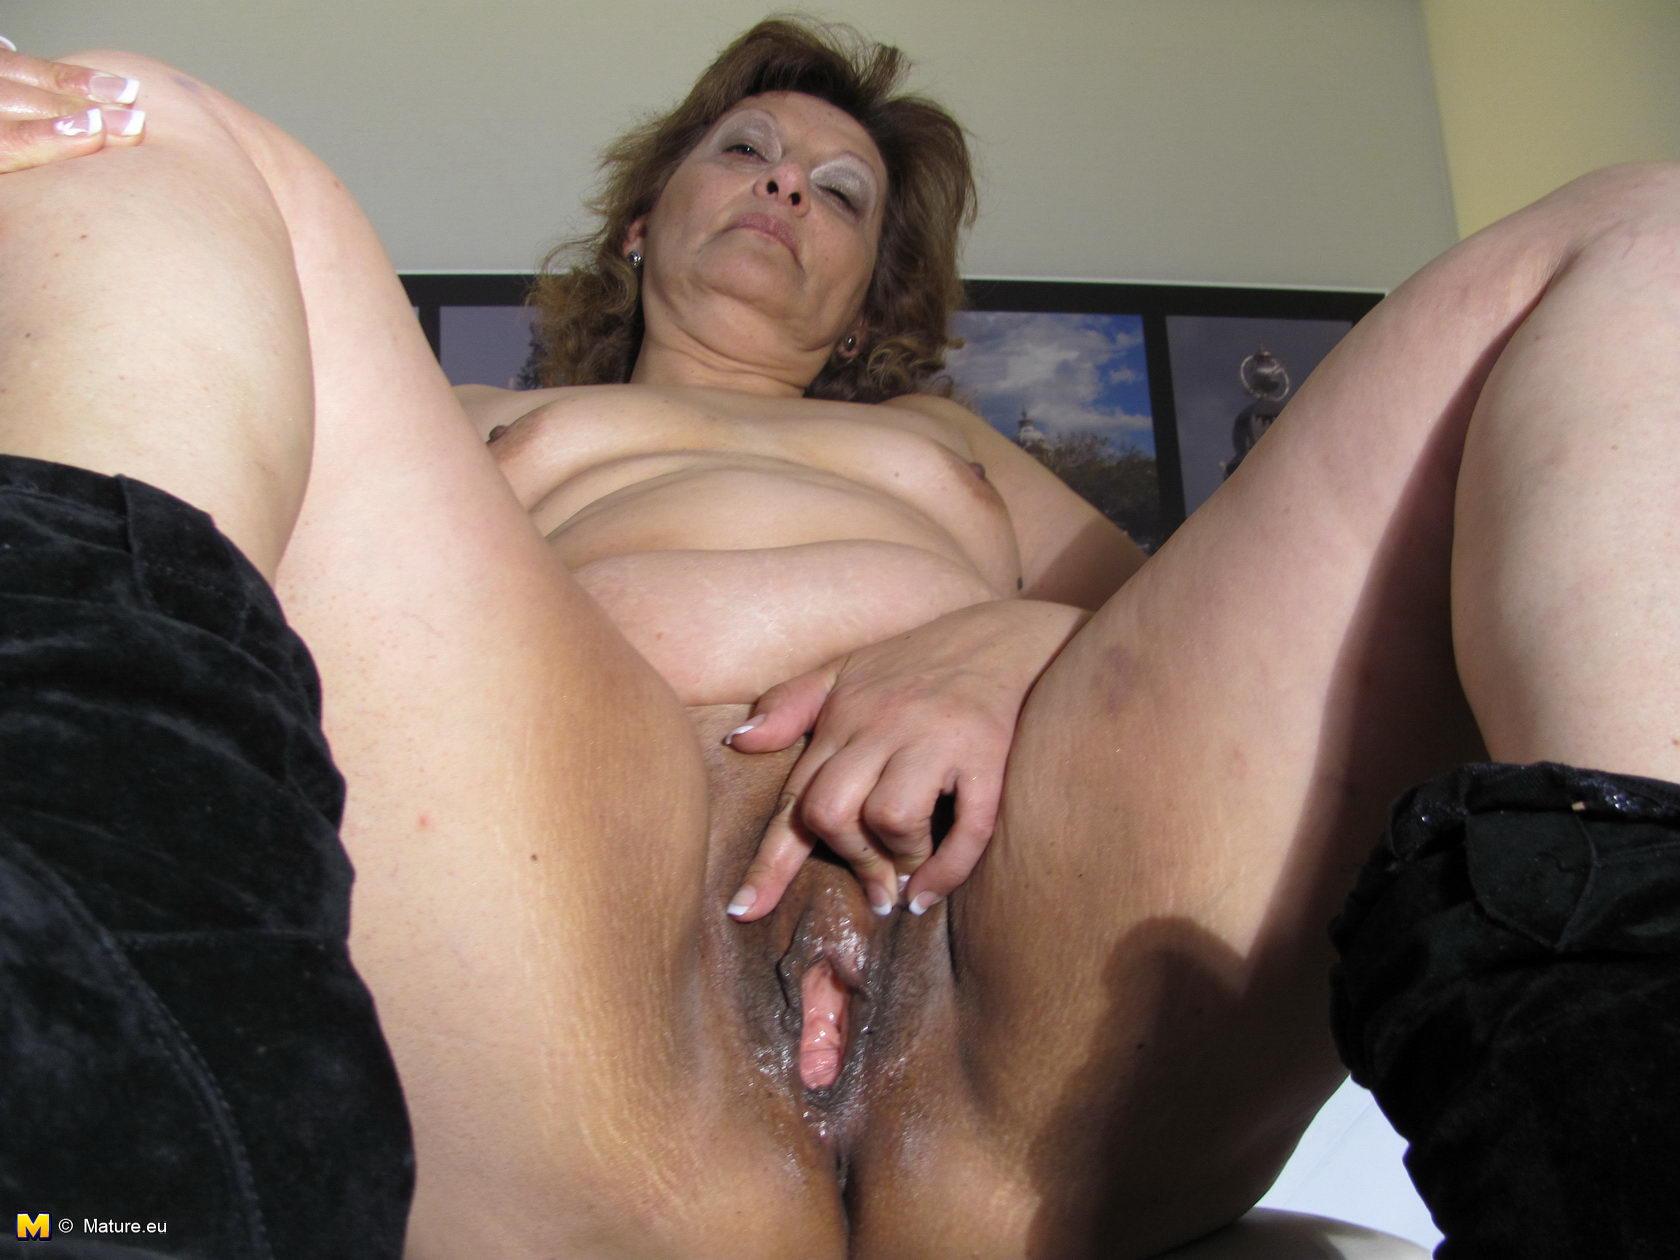 Частное фото голых жен среднего возраста - 30-45 лет